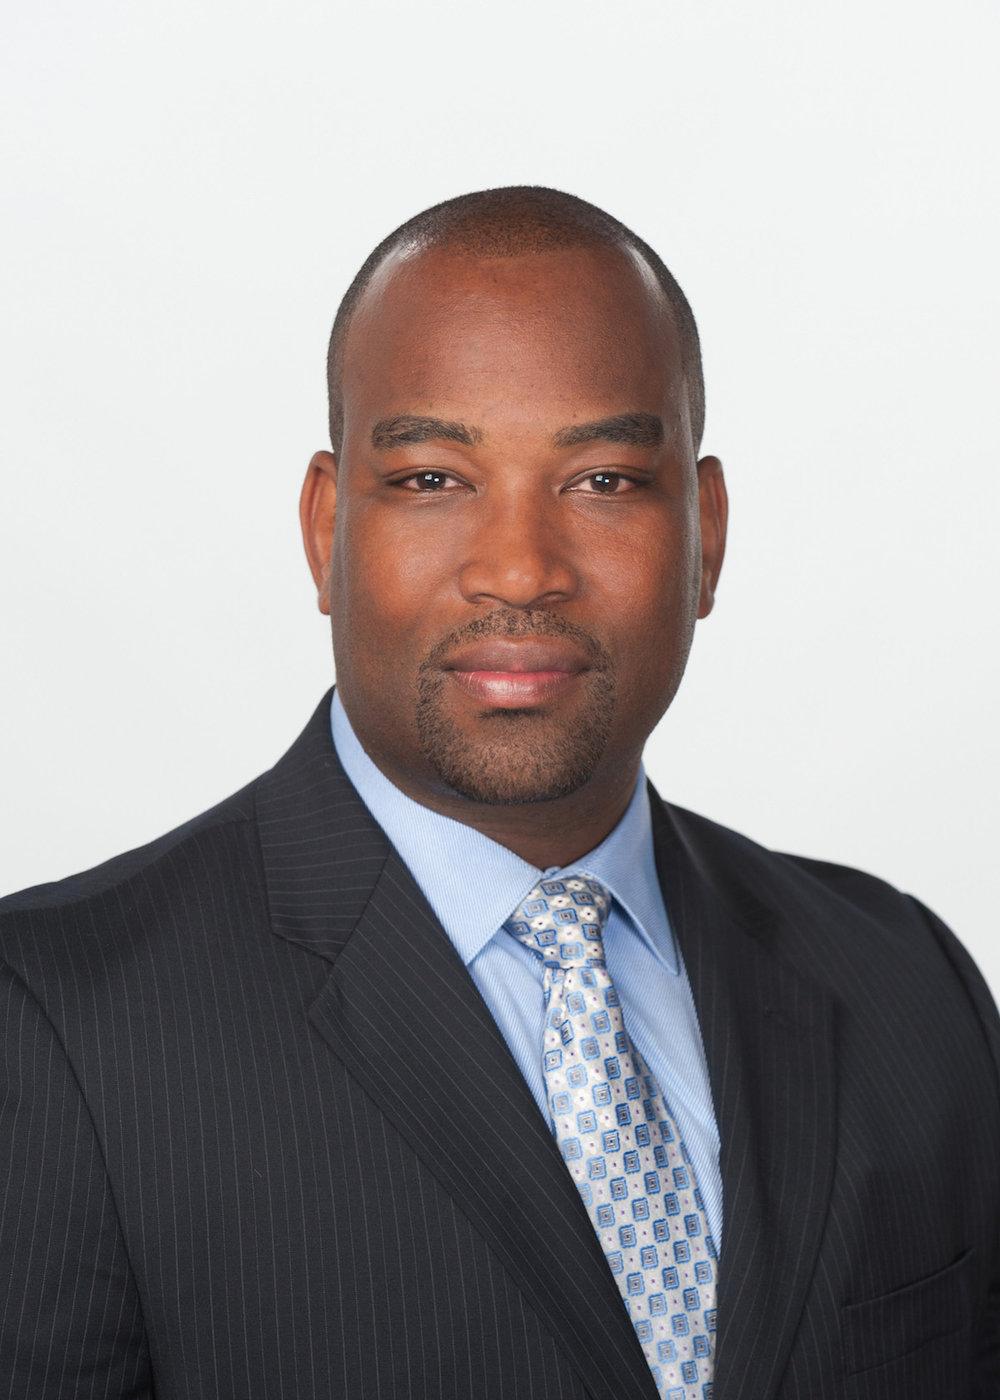 Christopher Boone, PhD, MHA, FACHE